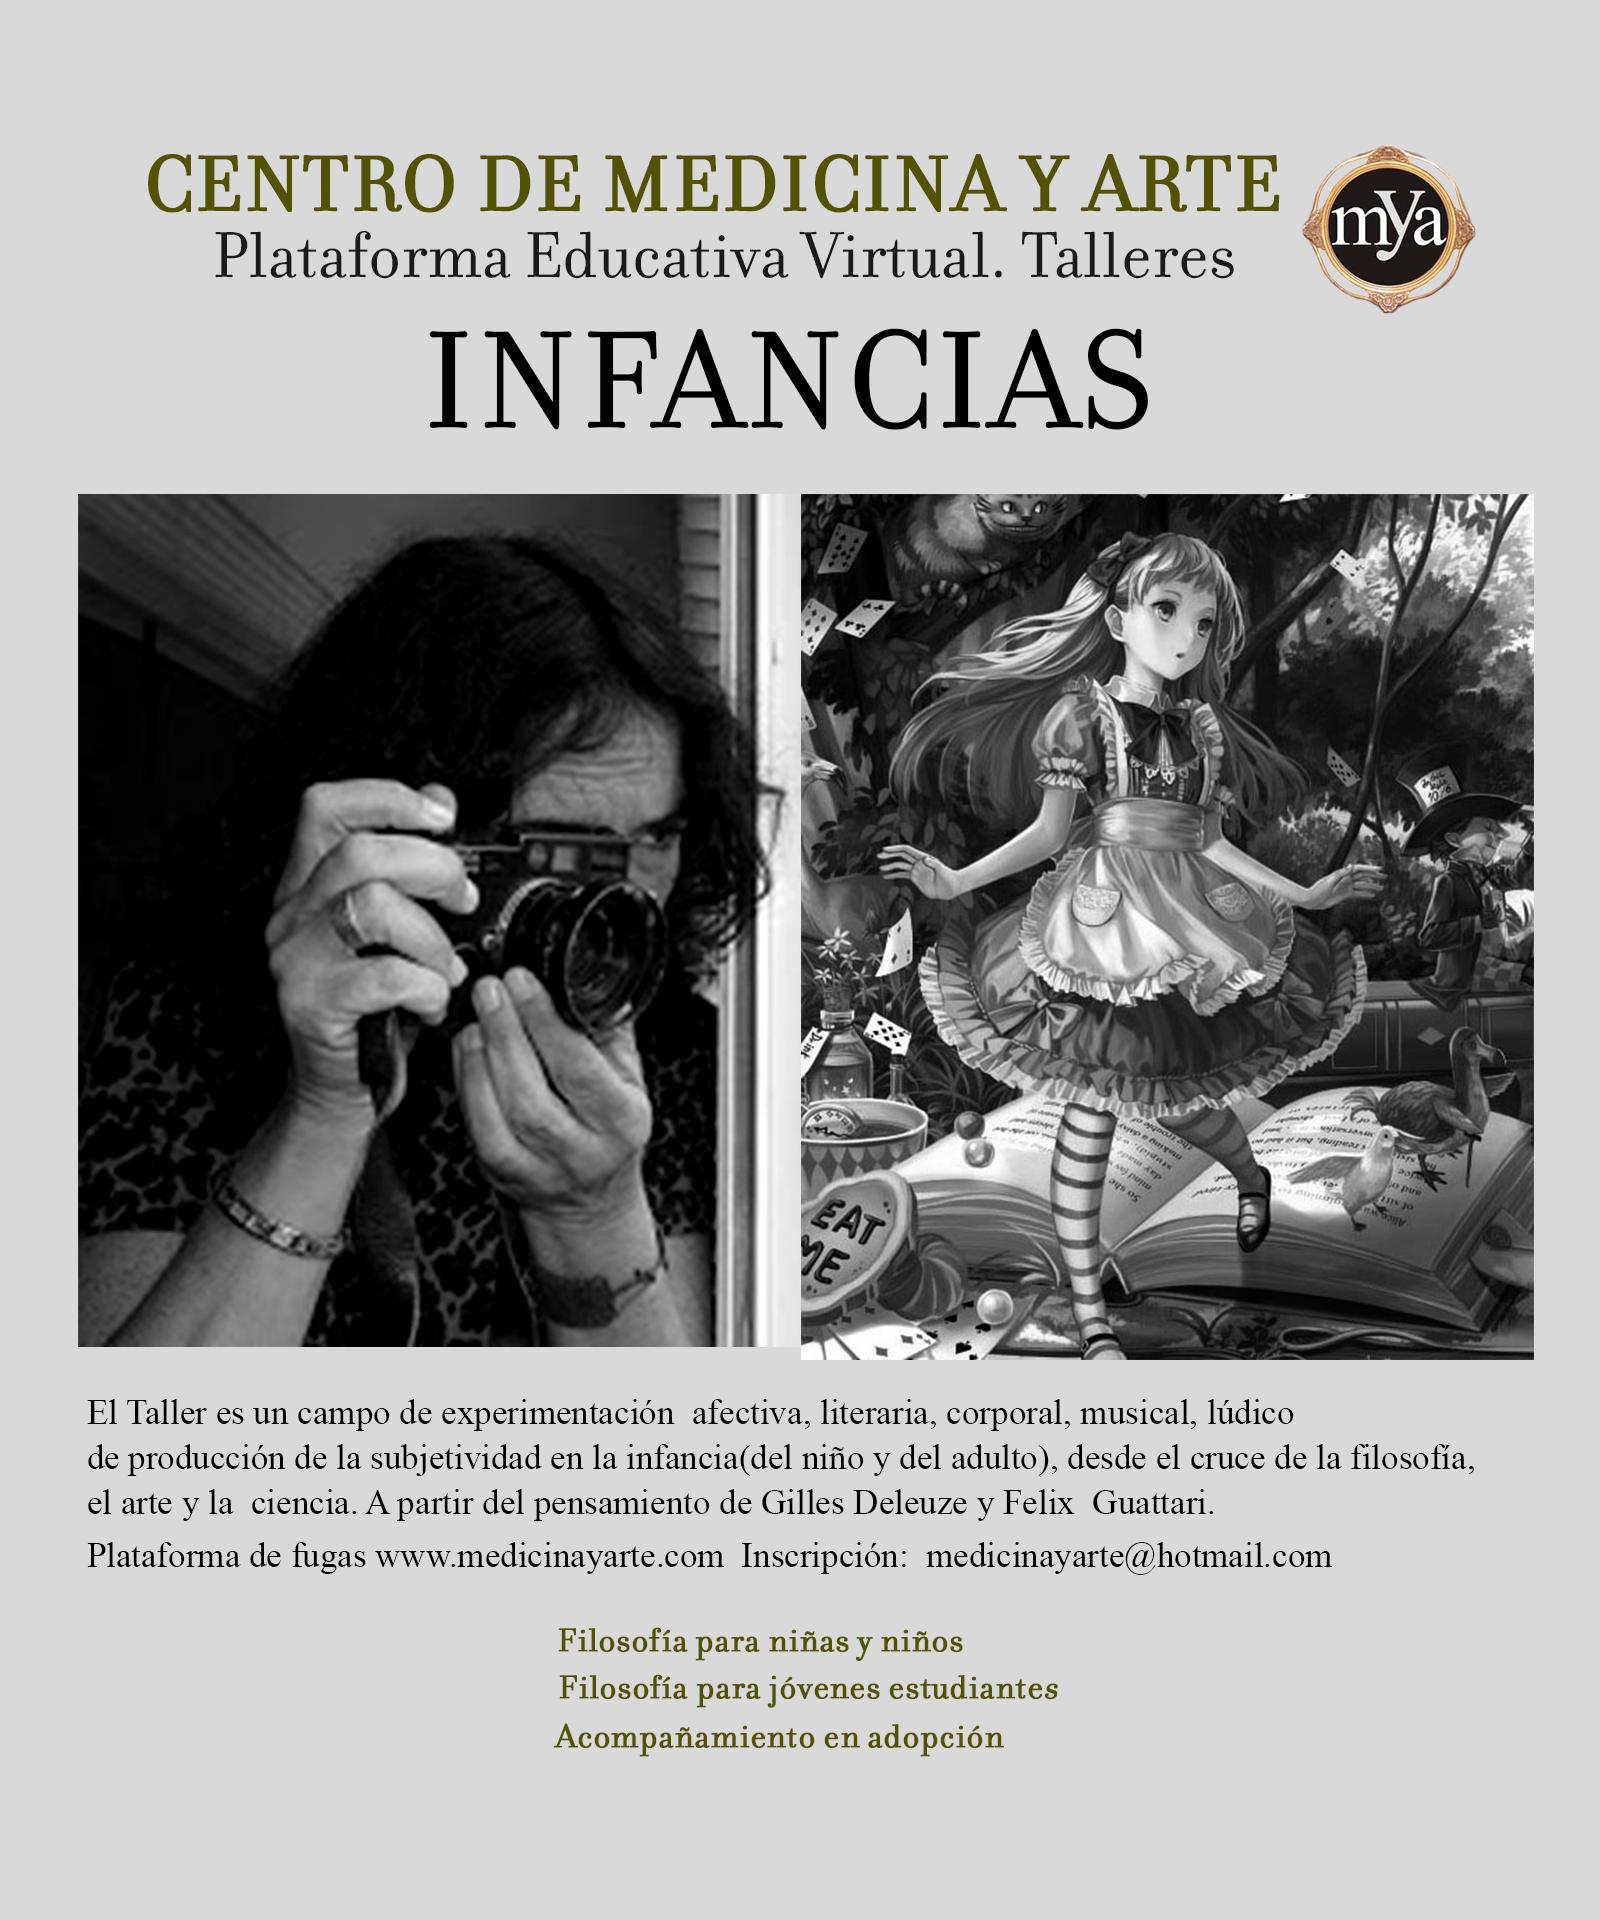 http://medicinayarte.com/img/Taller-de-Medicina-y-Arte_infancias.png